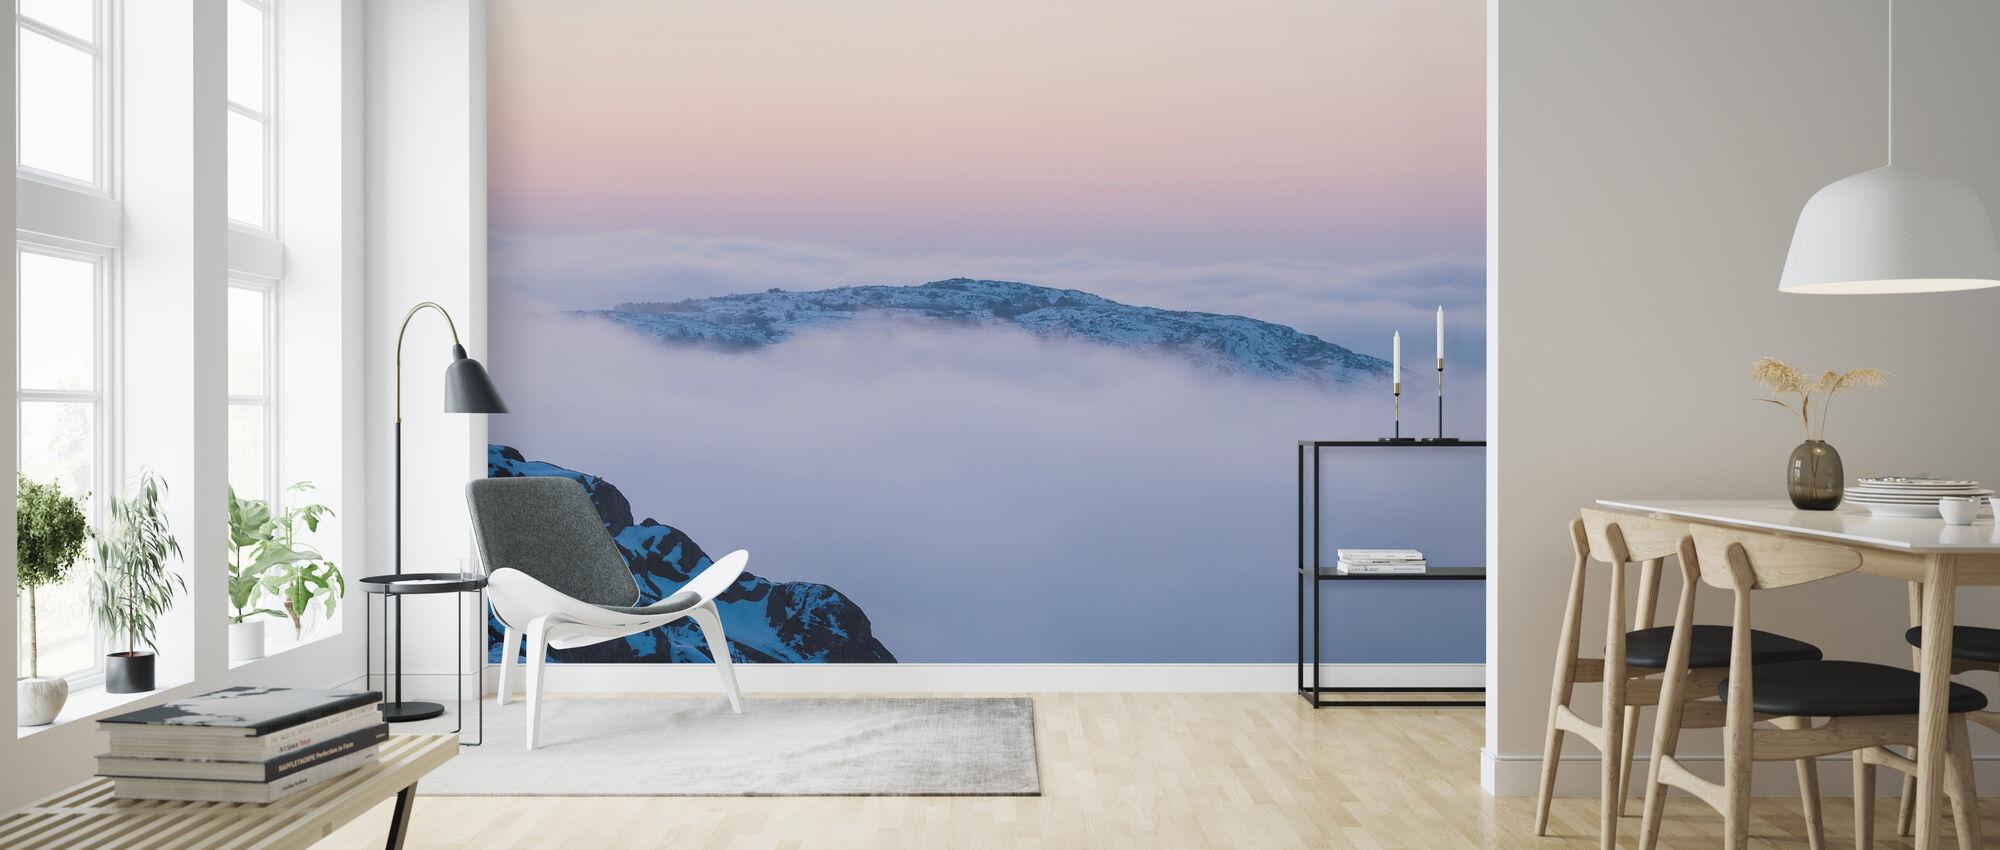 Pilvet vuorten yläpuolella - Tapetti - Olohuone